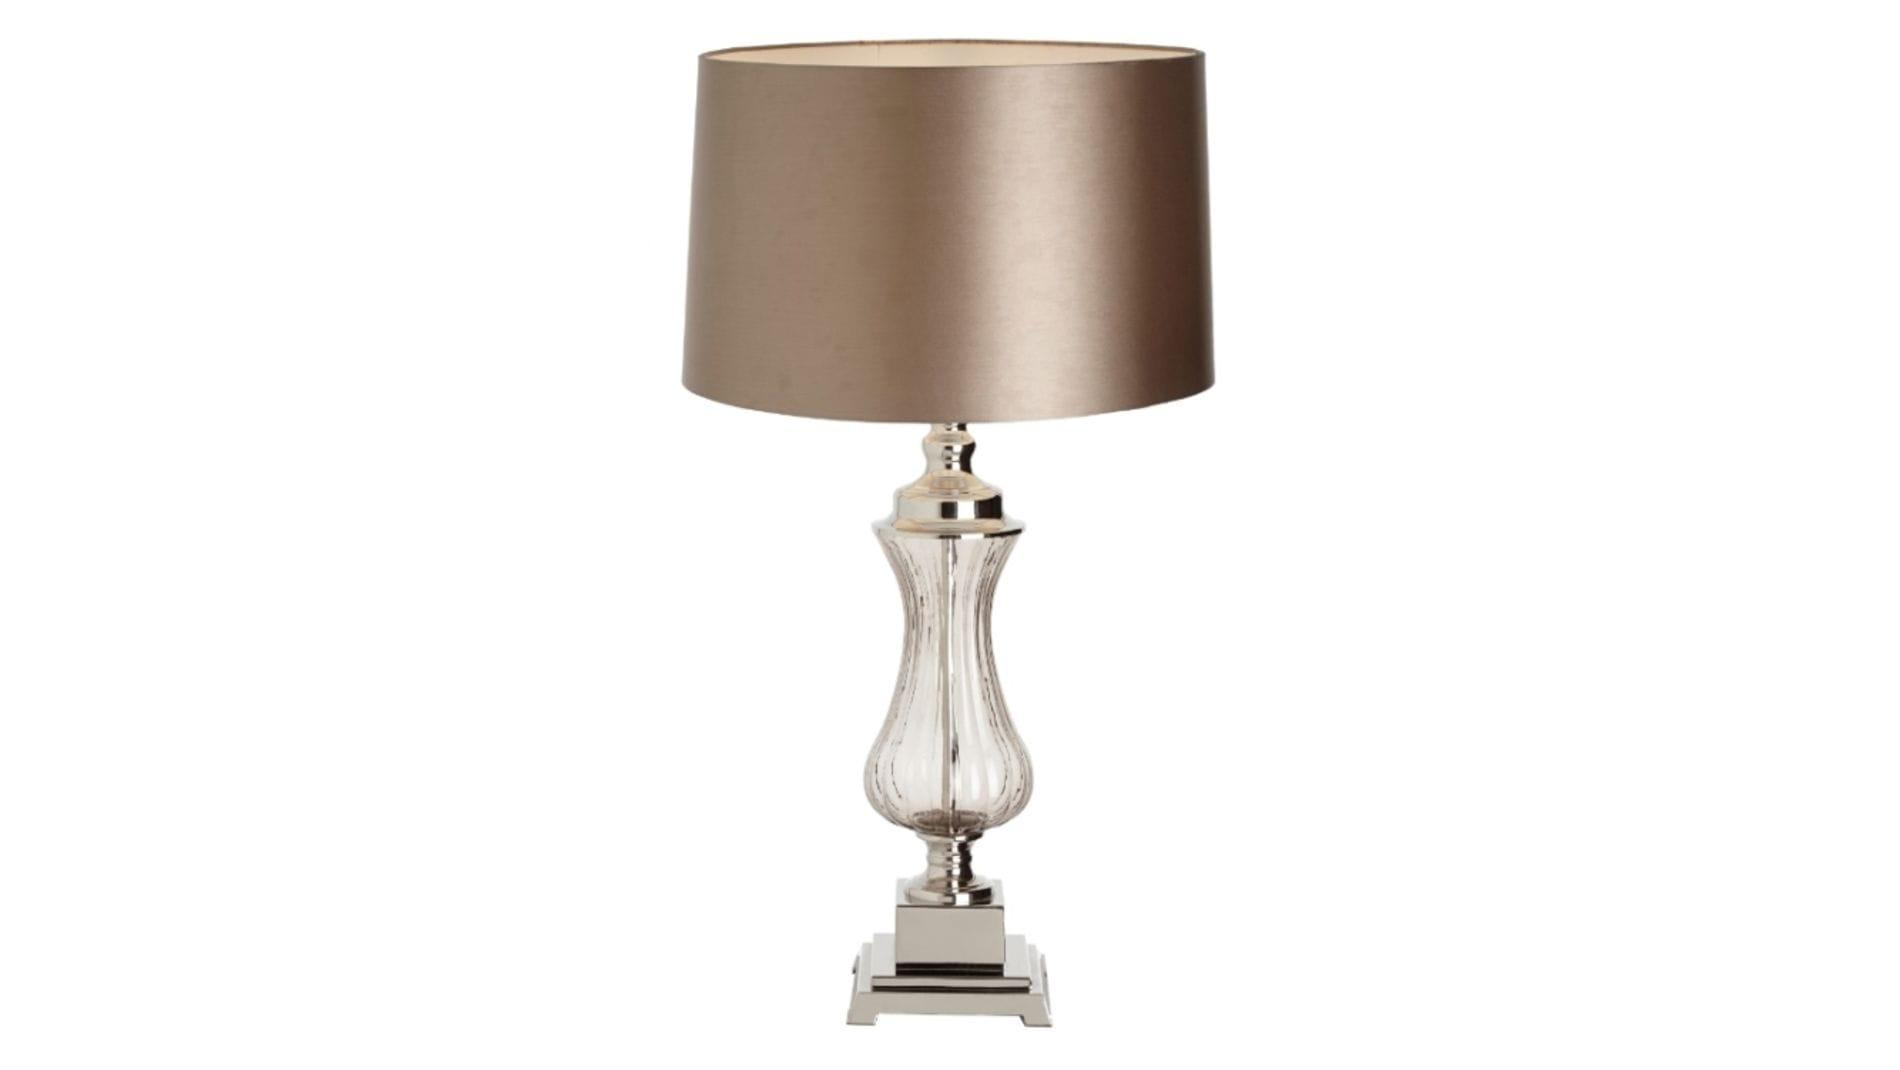 Настольная лампа Oliva